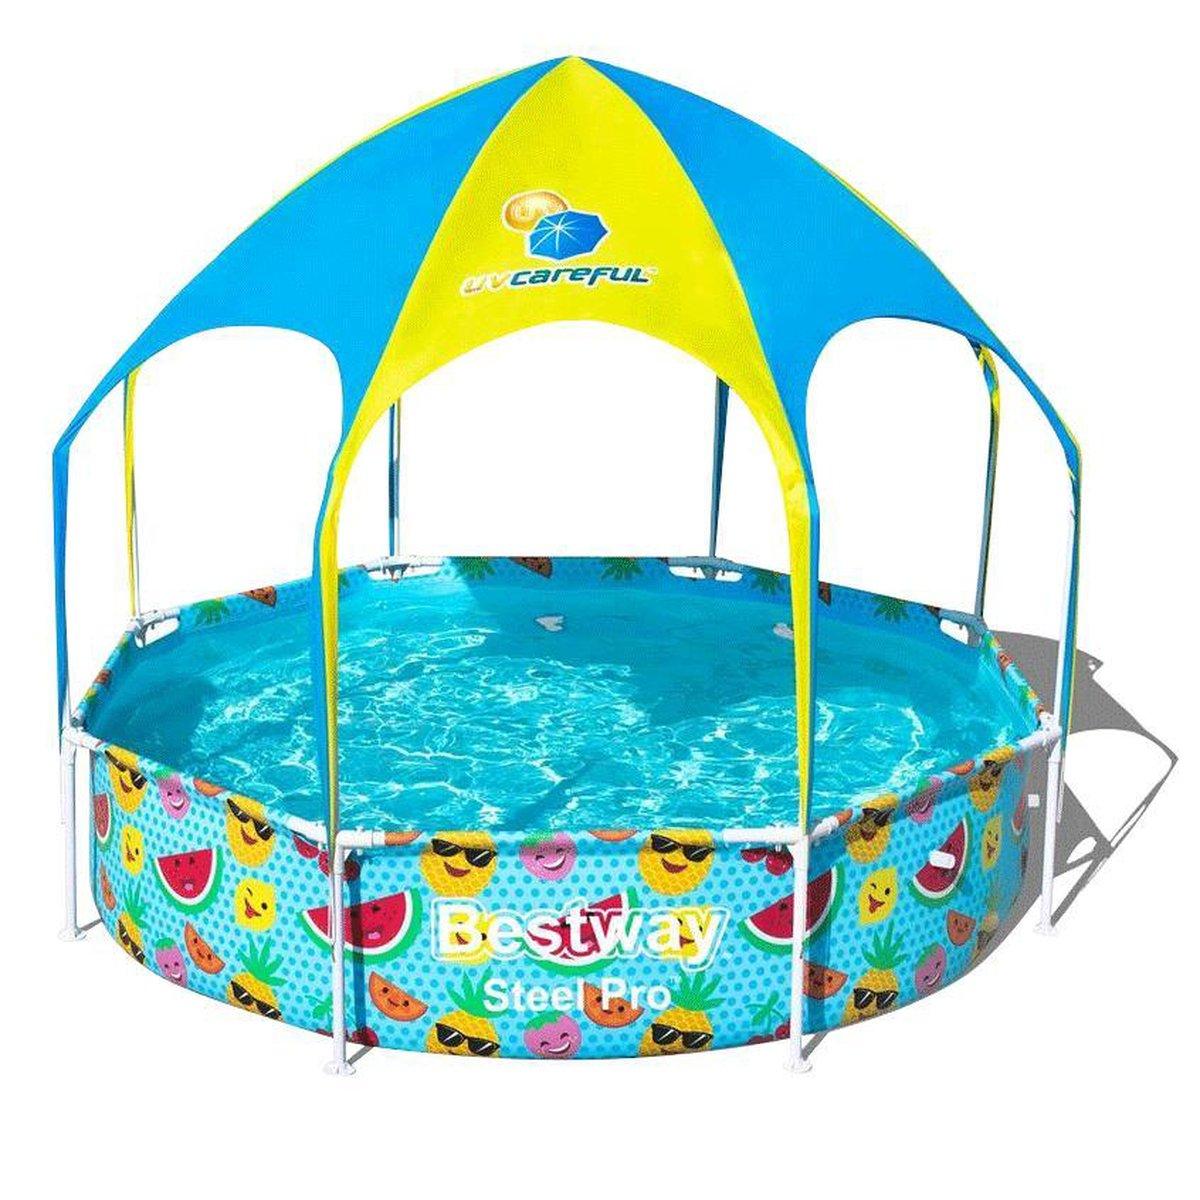 Zwembad met zonnescherm - Bestway - my first frame pool - 244cm - Rond zwembad